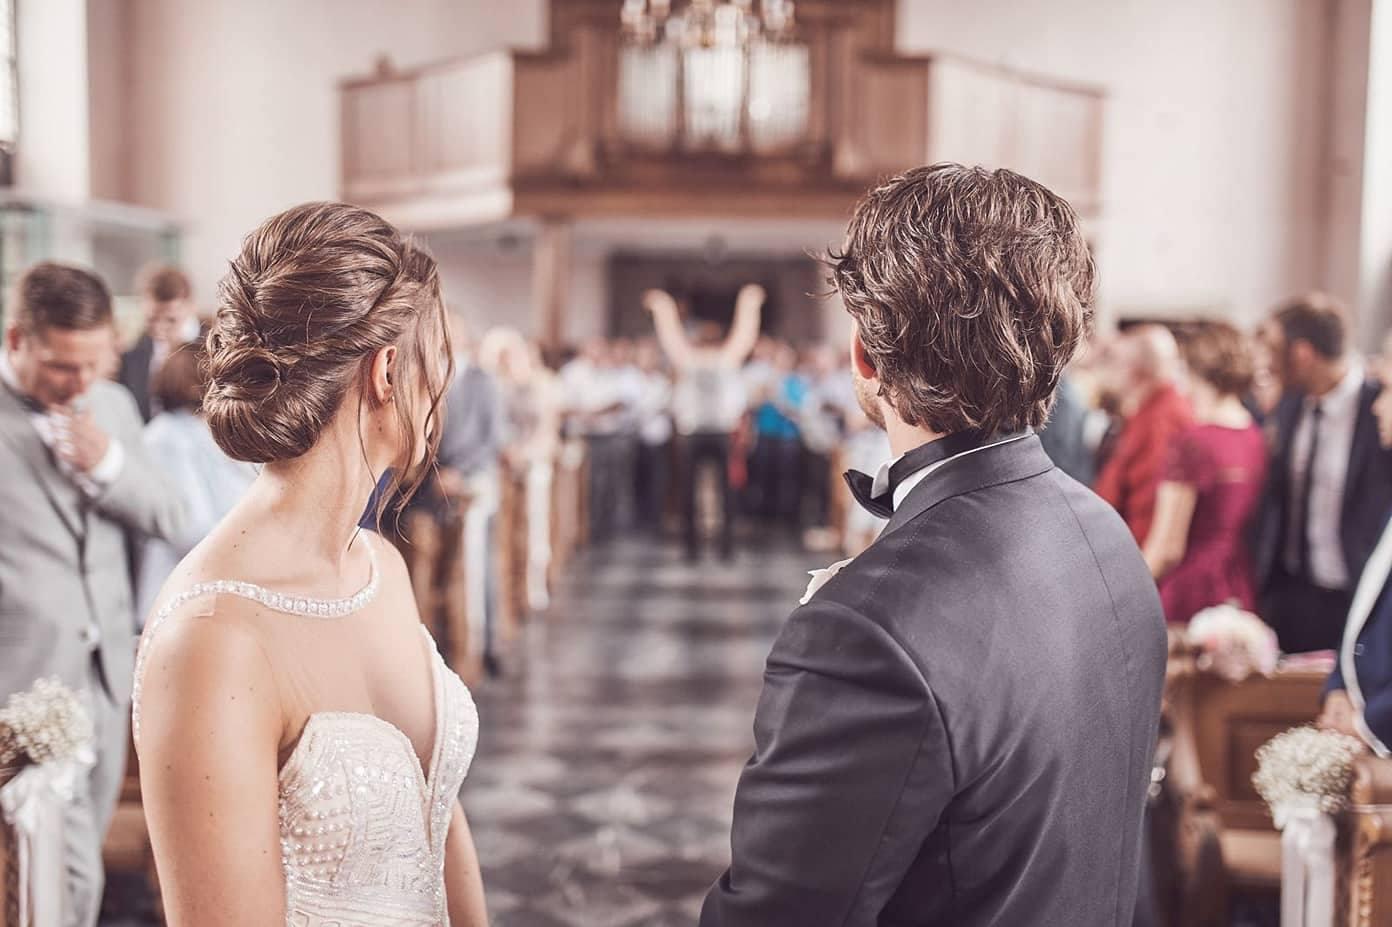 Festliche Momente, bei der musikalischen Gestaltung durch den MGV Quartettverein - darauf blickt auch das Brautpaar immer wieder gerne zurück.